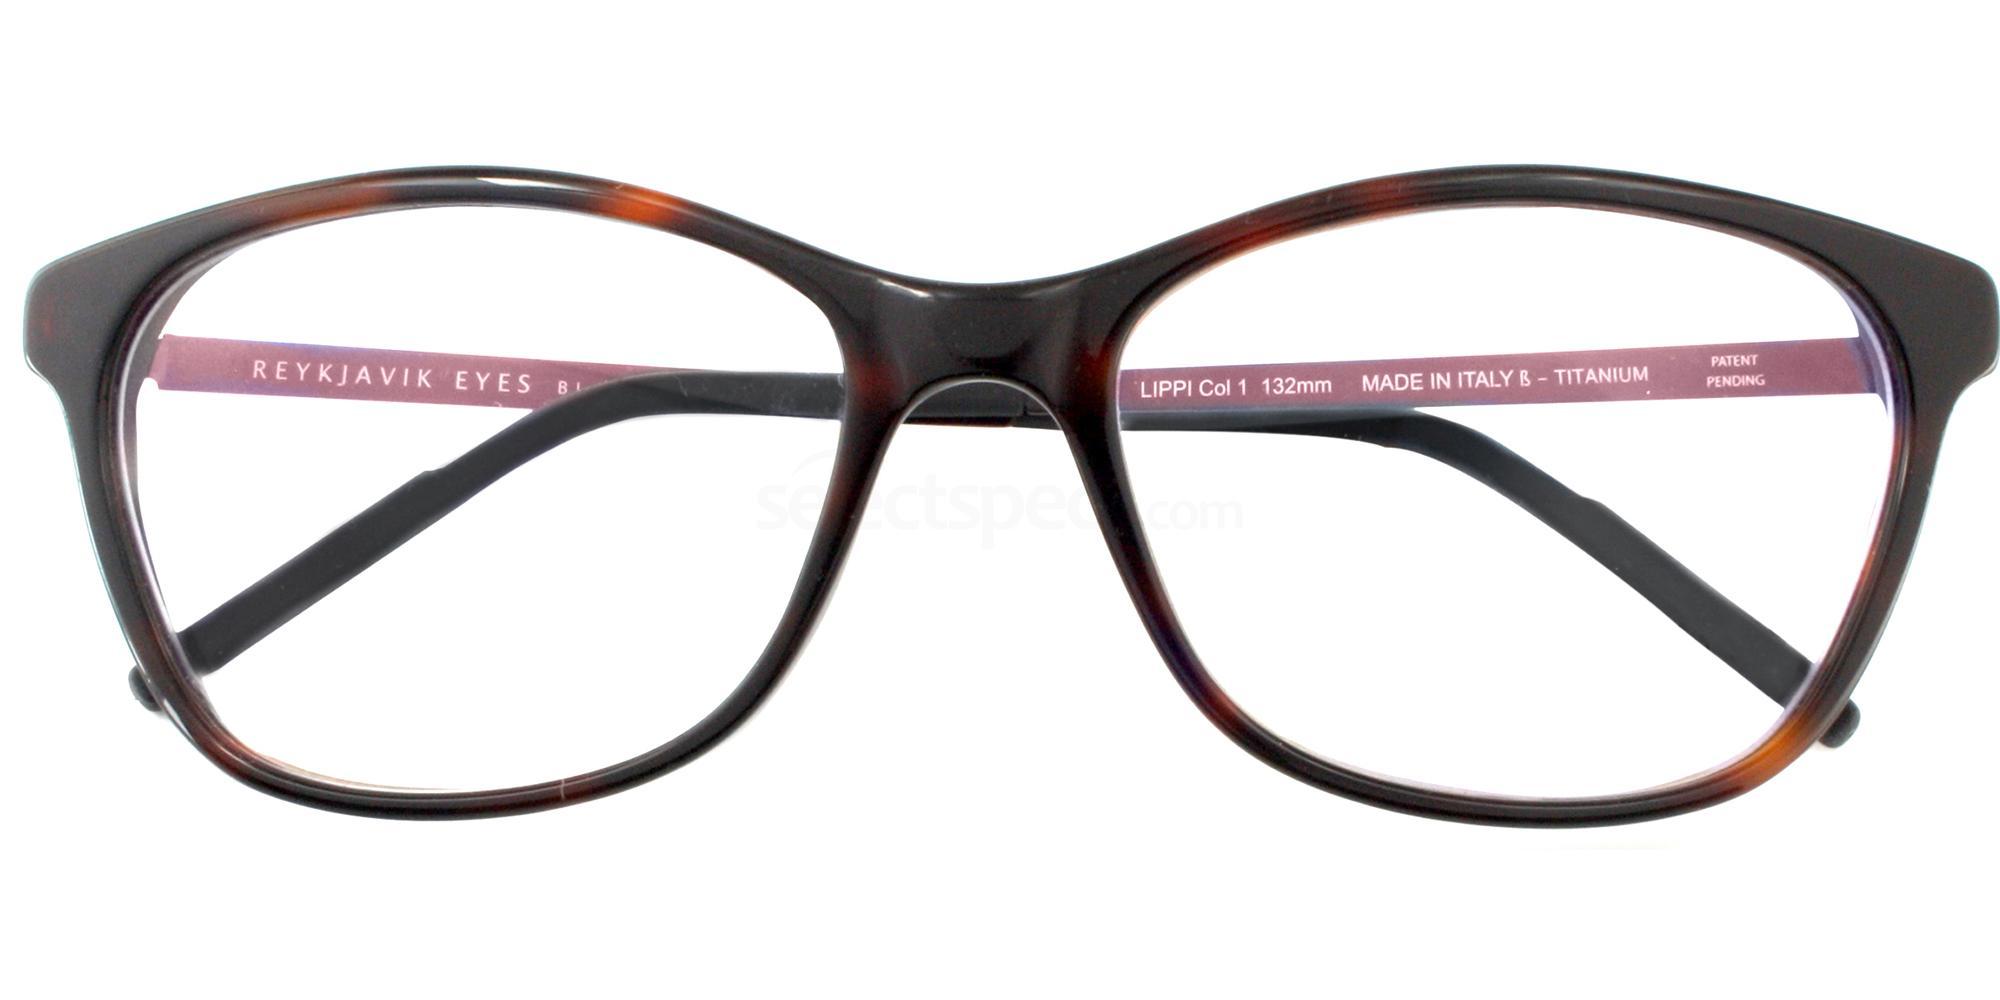 C1 LIPPI Glasses, Reykjavik Eyes Black Label